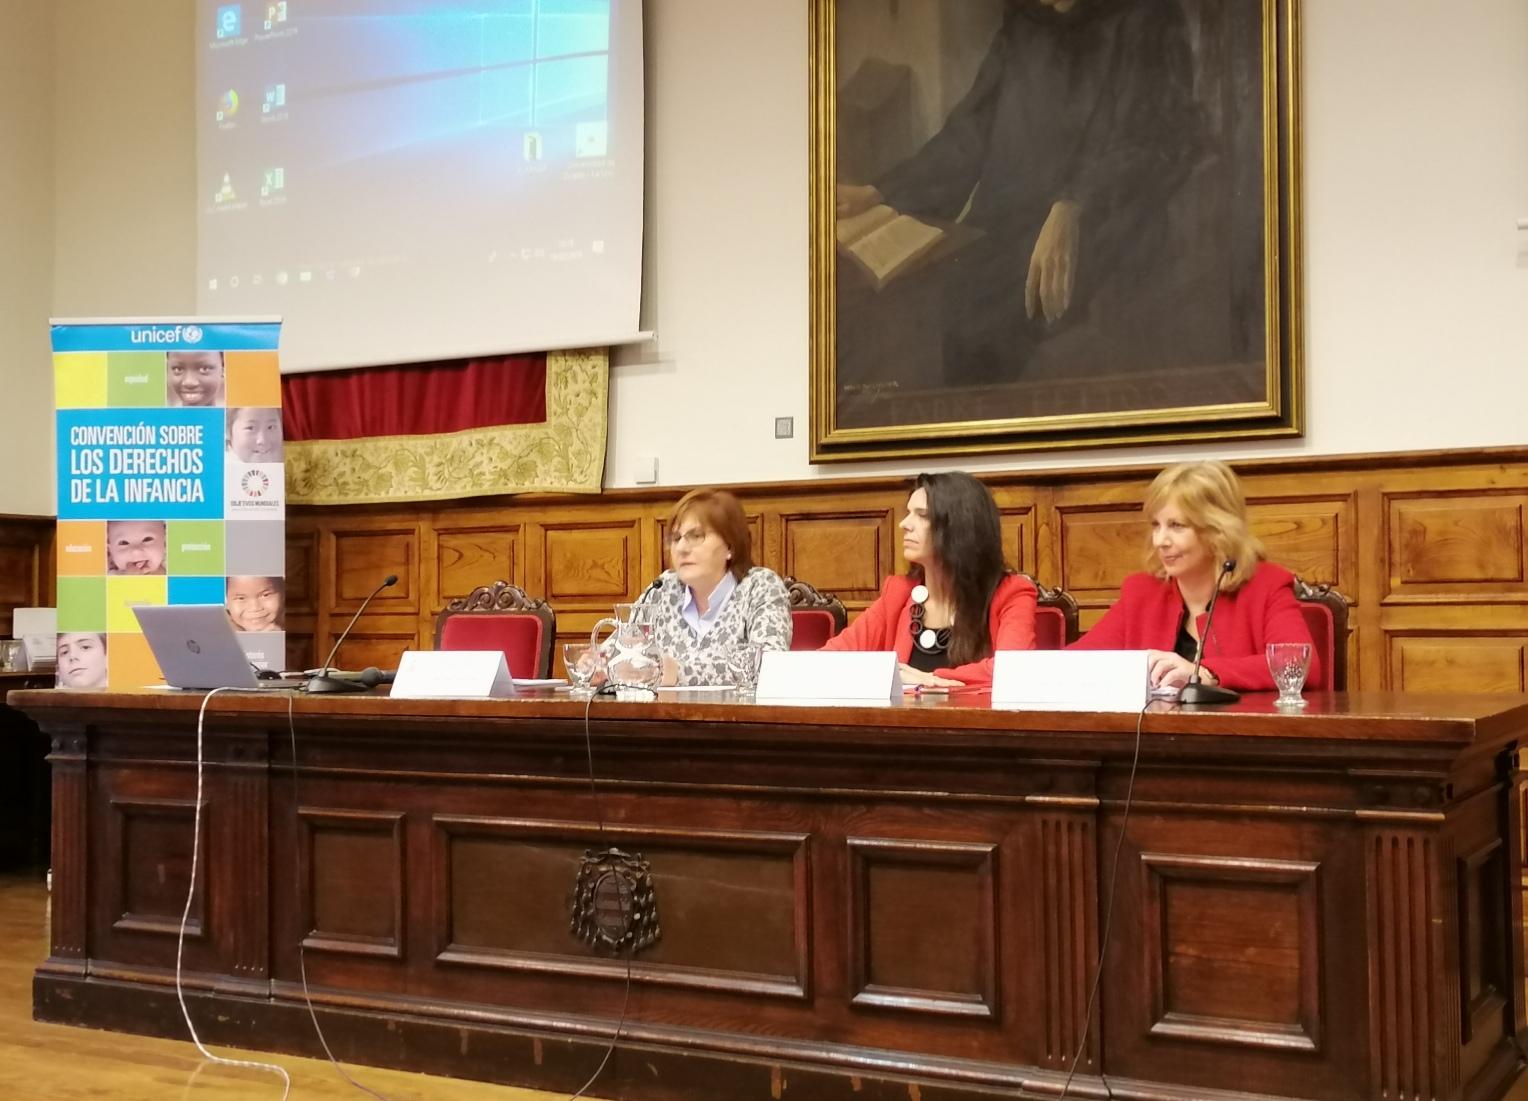 Oviedo acoge la VI Jornada Universitaria sobre los Derechos de la Infancia